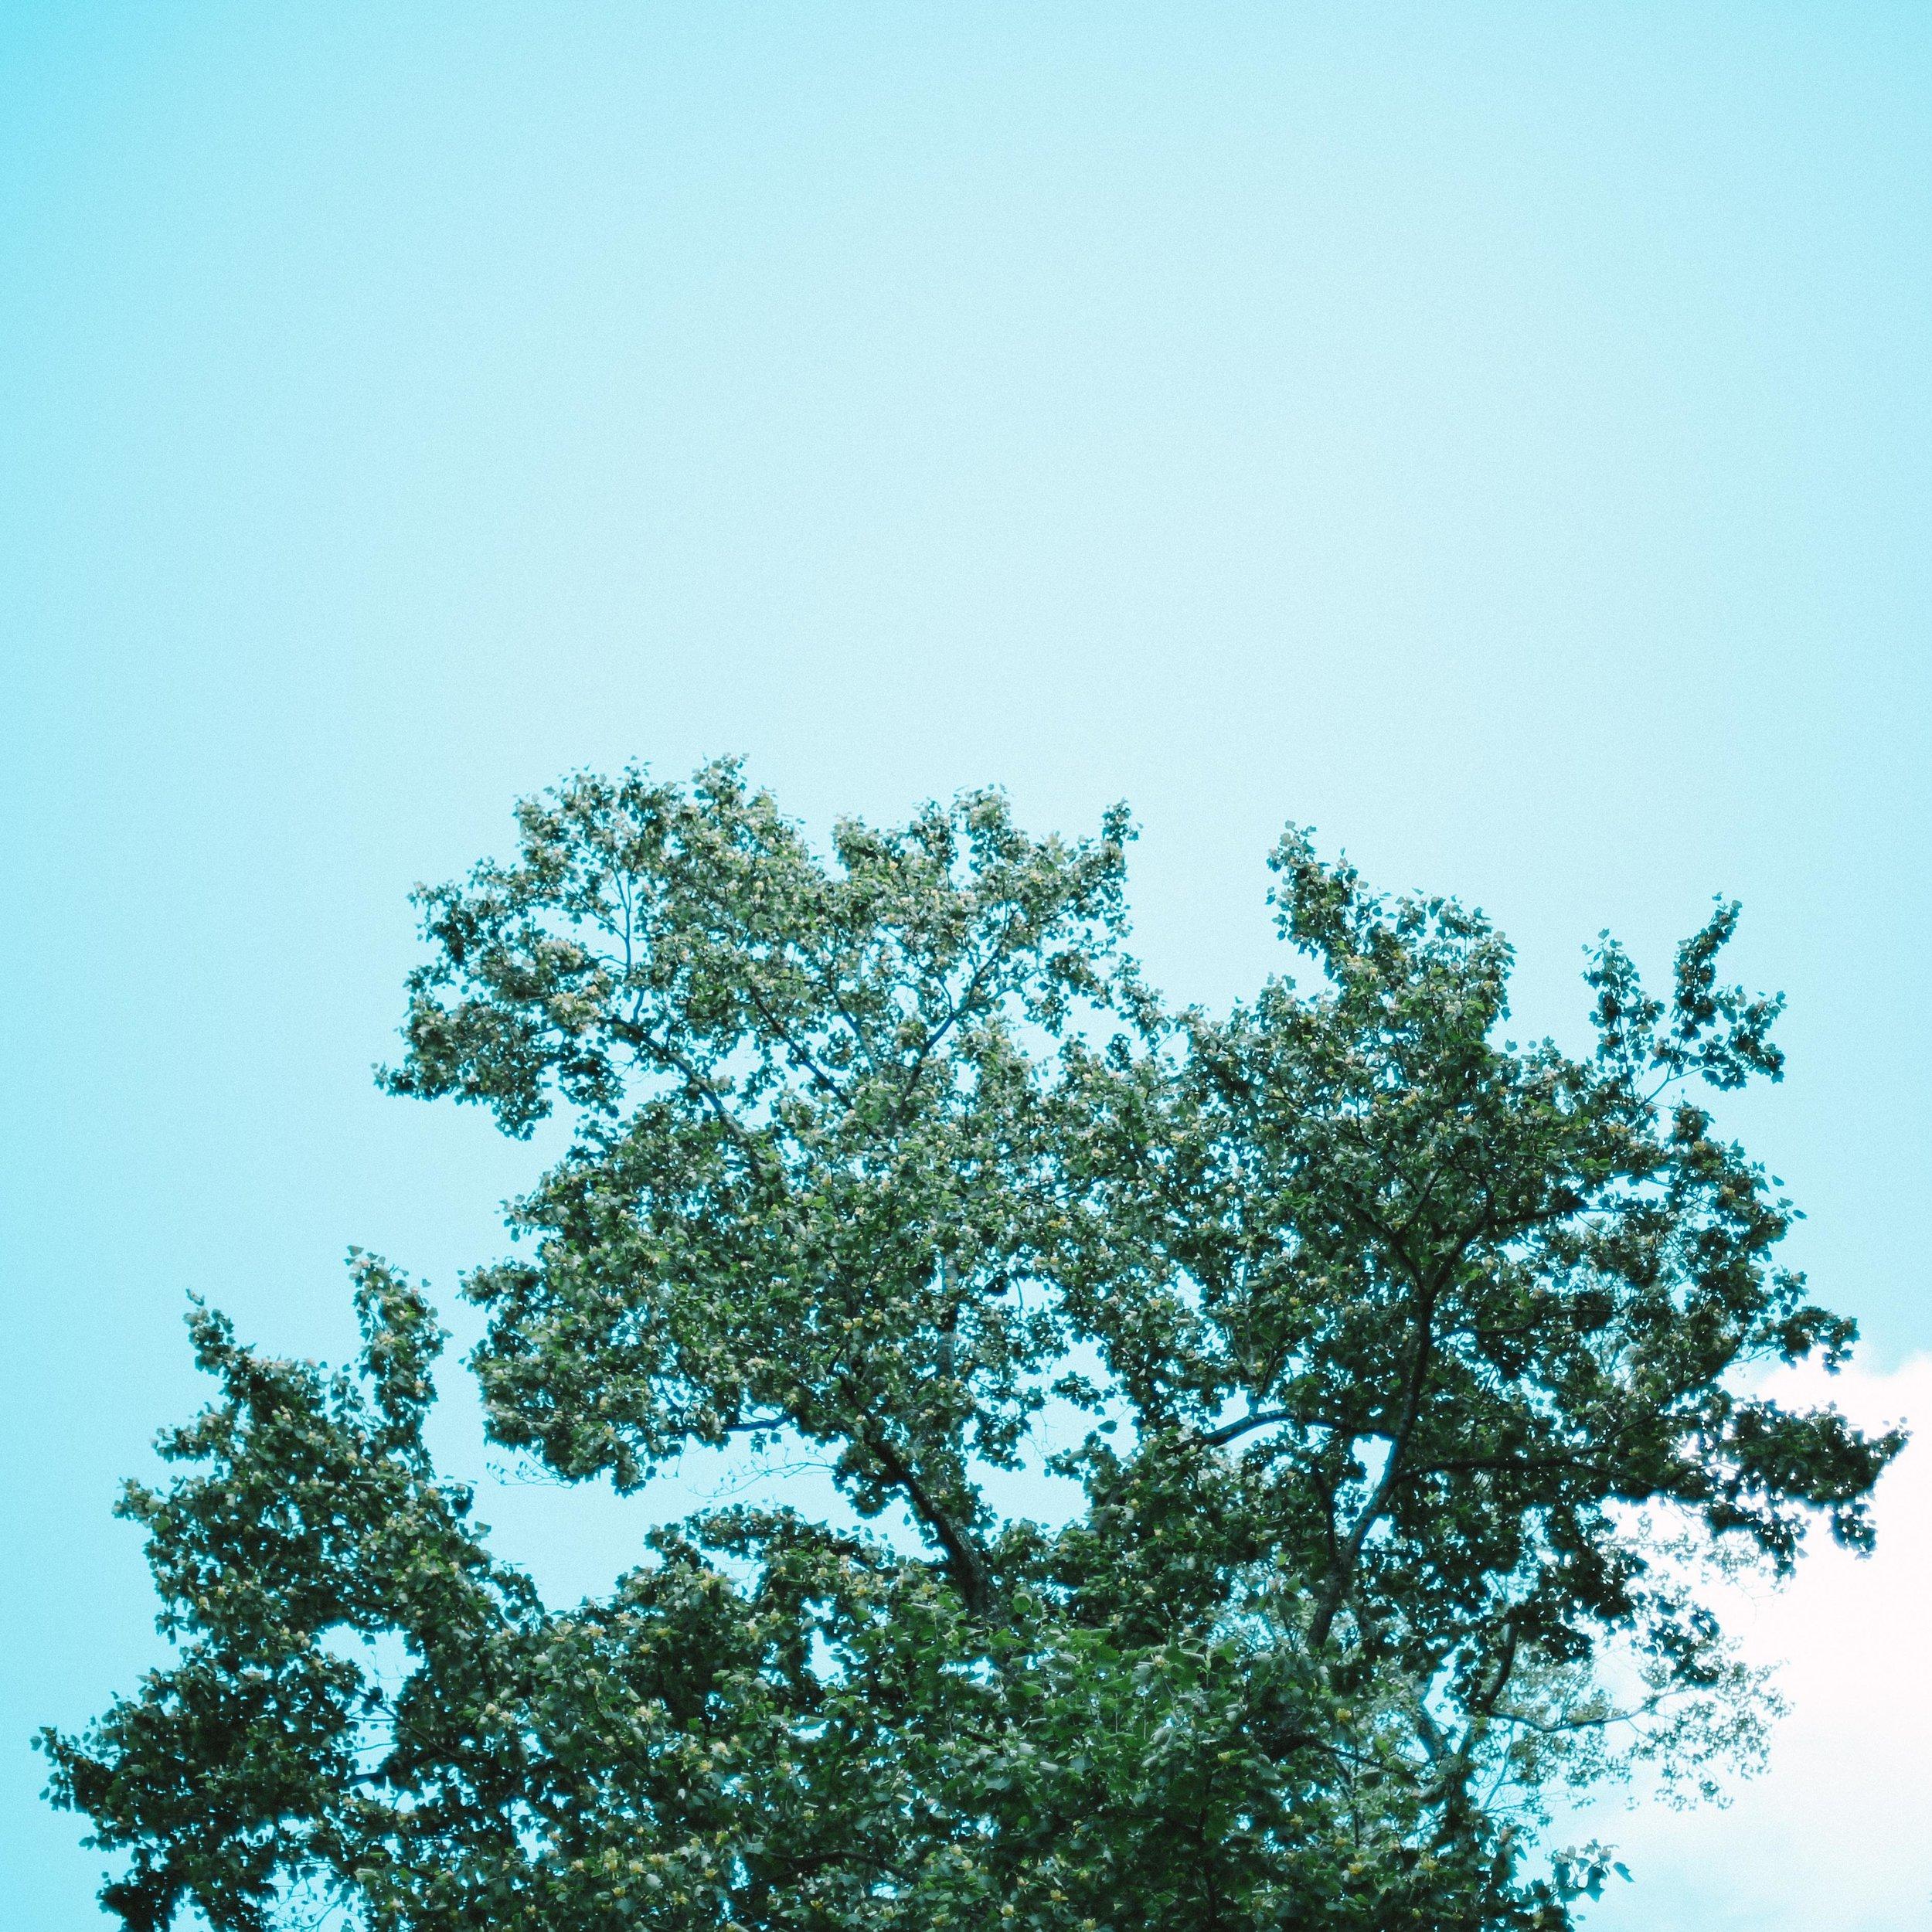 mindfulness images-12.jpg